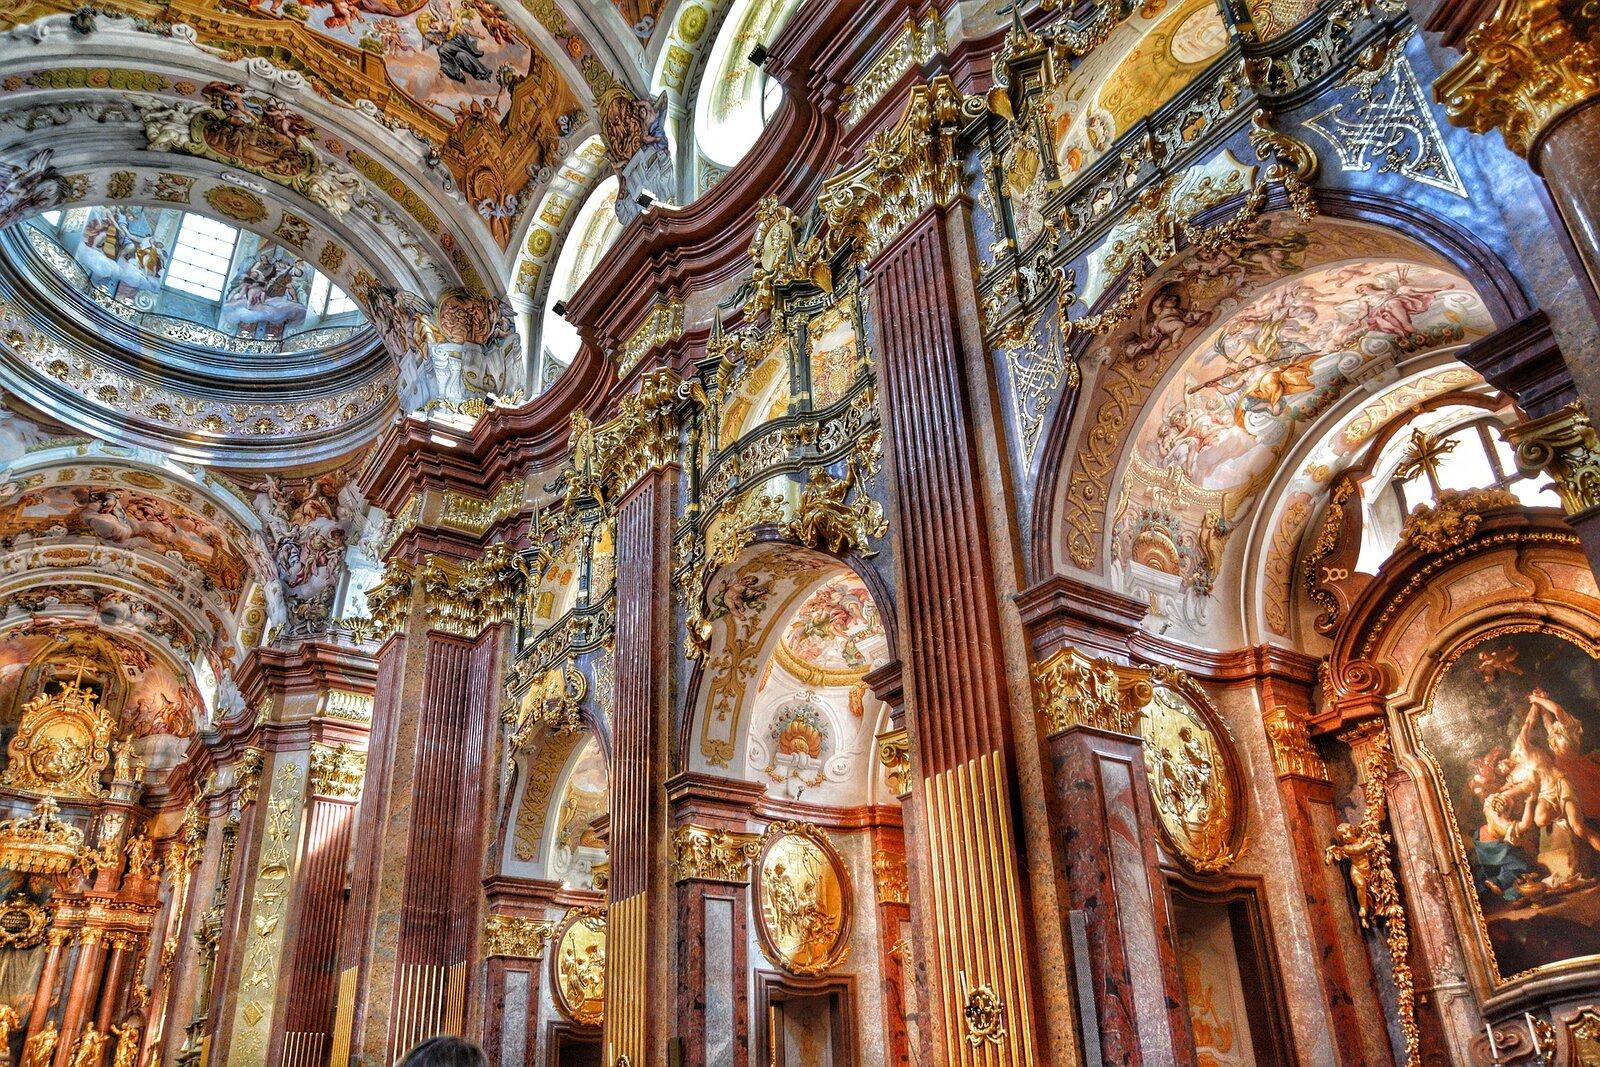 Barokowe wnętrze kościoła wMelku (Austria) Barokowe wnętrze kościoła wMelku (Austria) Źródło: domena publiczna.